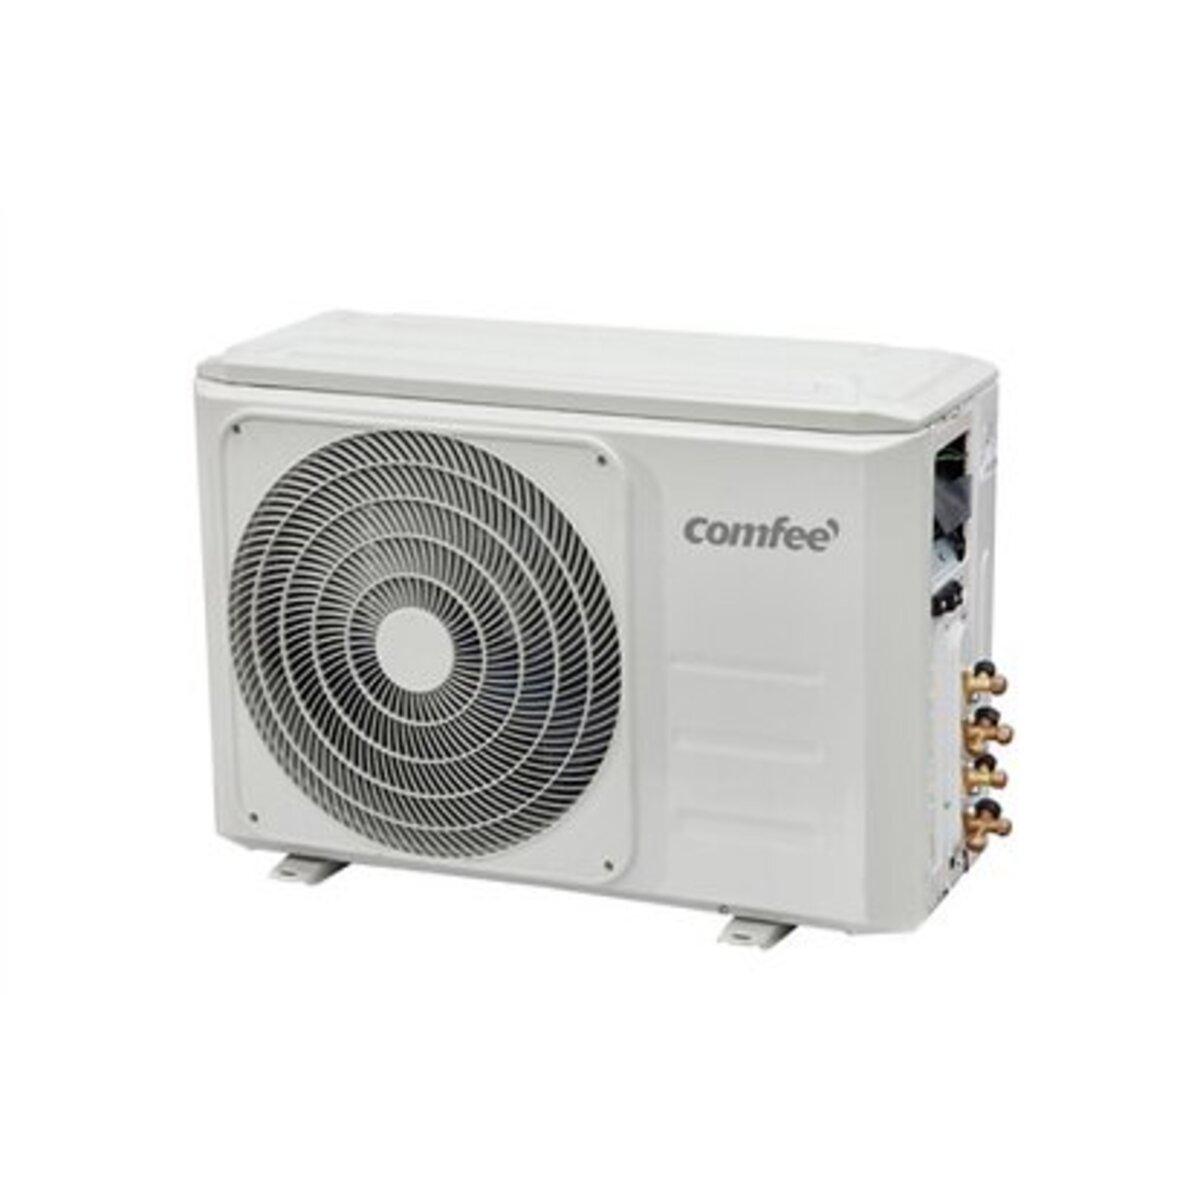 Bild 3 von Comfee Duo Split-Klimagerät 5,6 kW 18.000 BTU EEK: A+